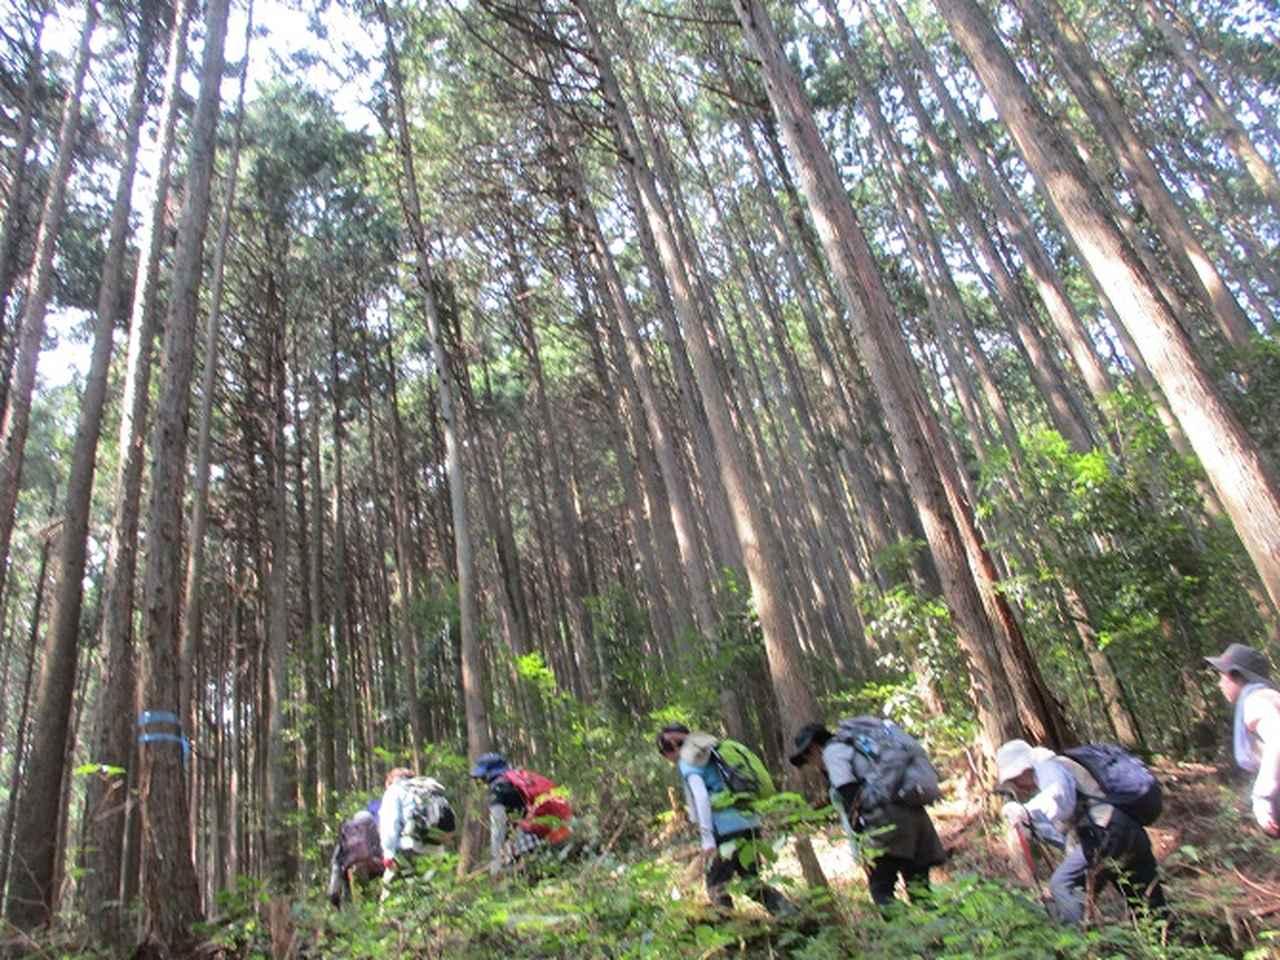 画像2: 8月10日に岡田ガイドの山旅会現地集合 「大塚山」 へ行ってきました!